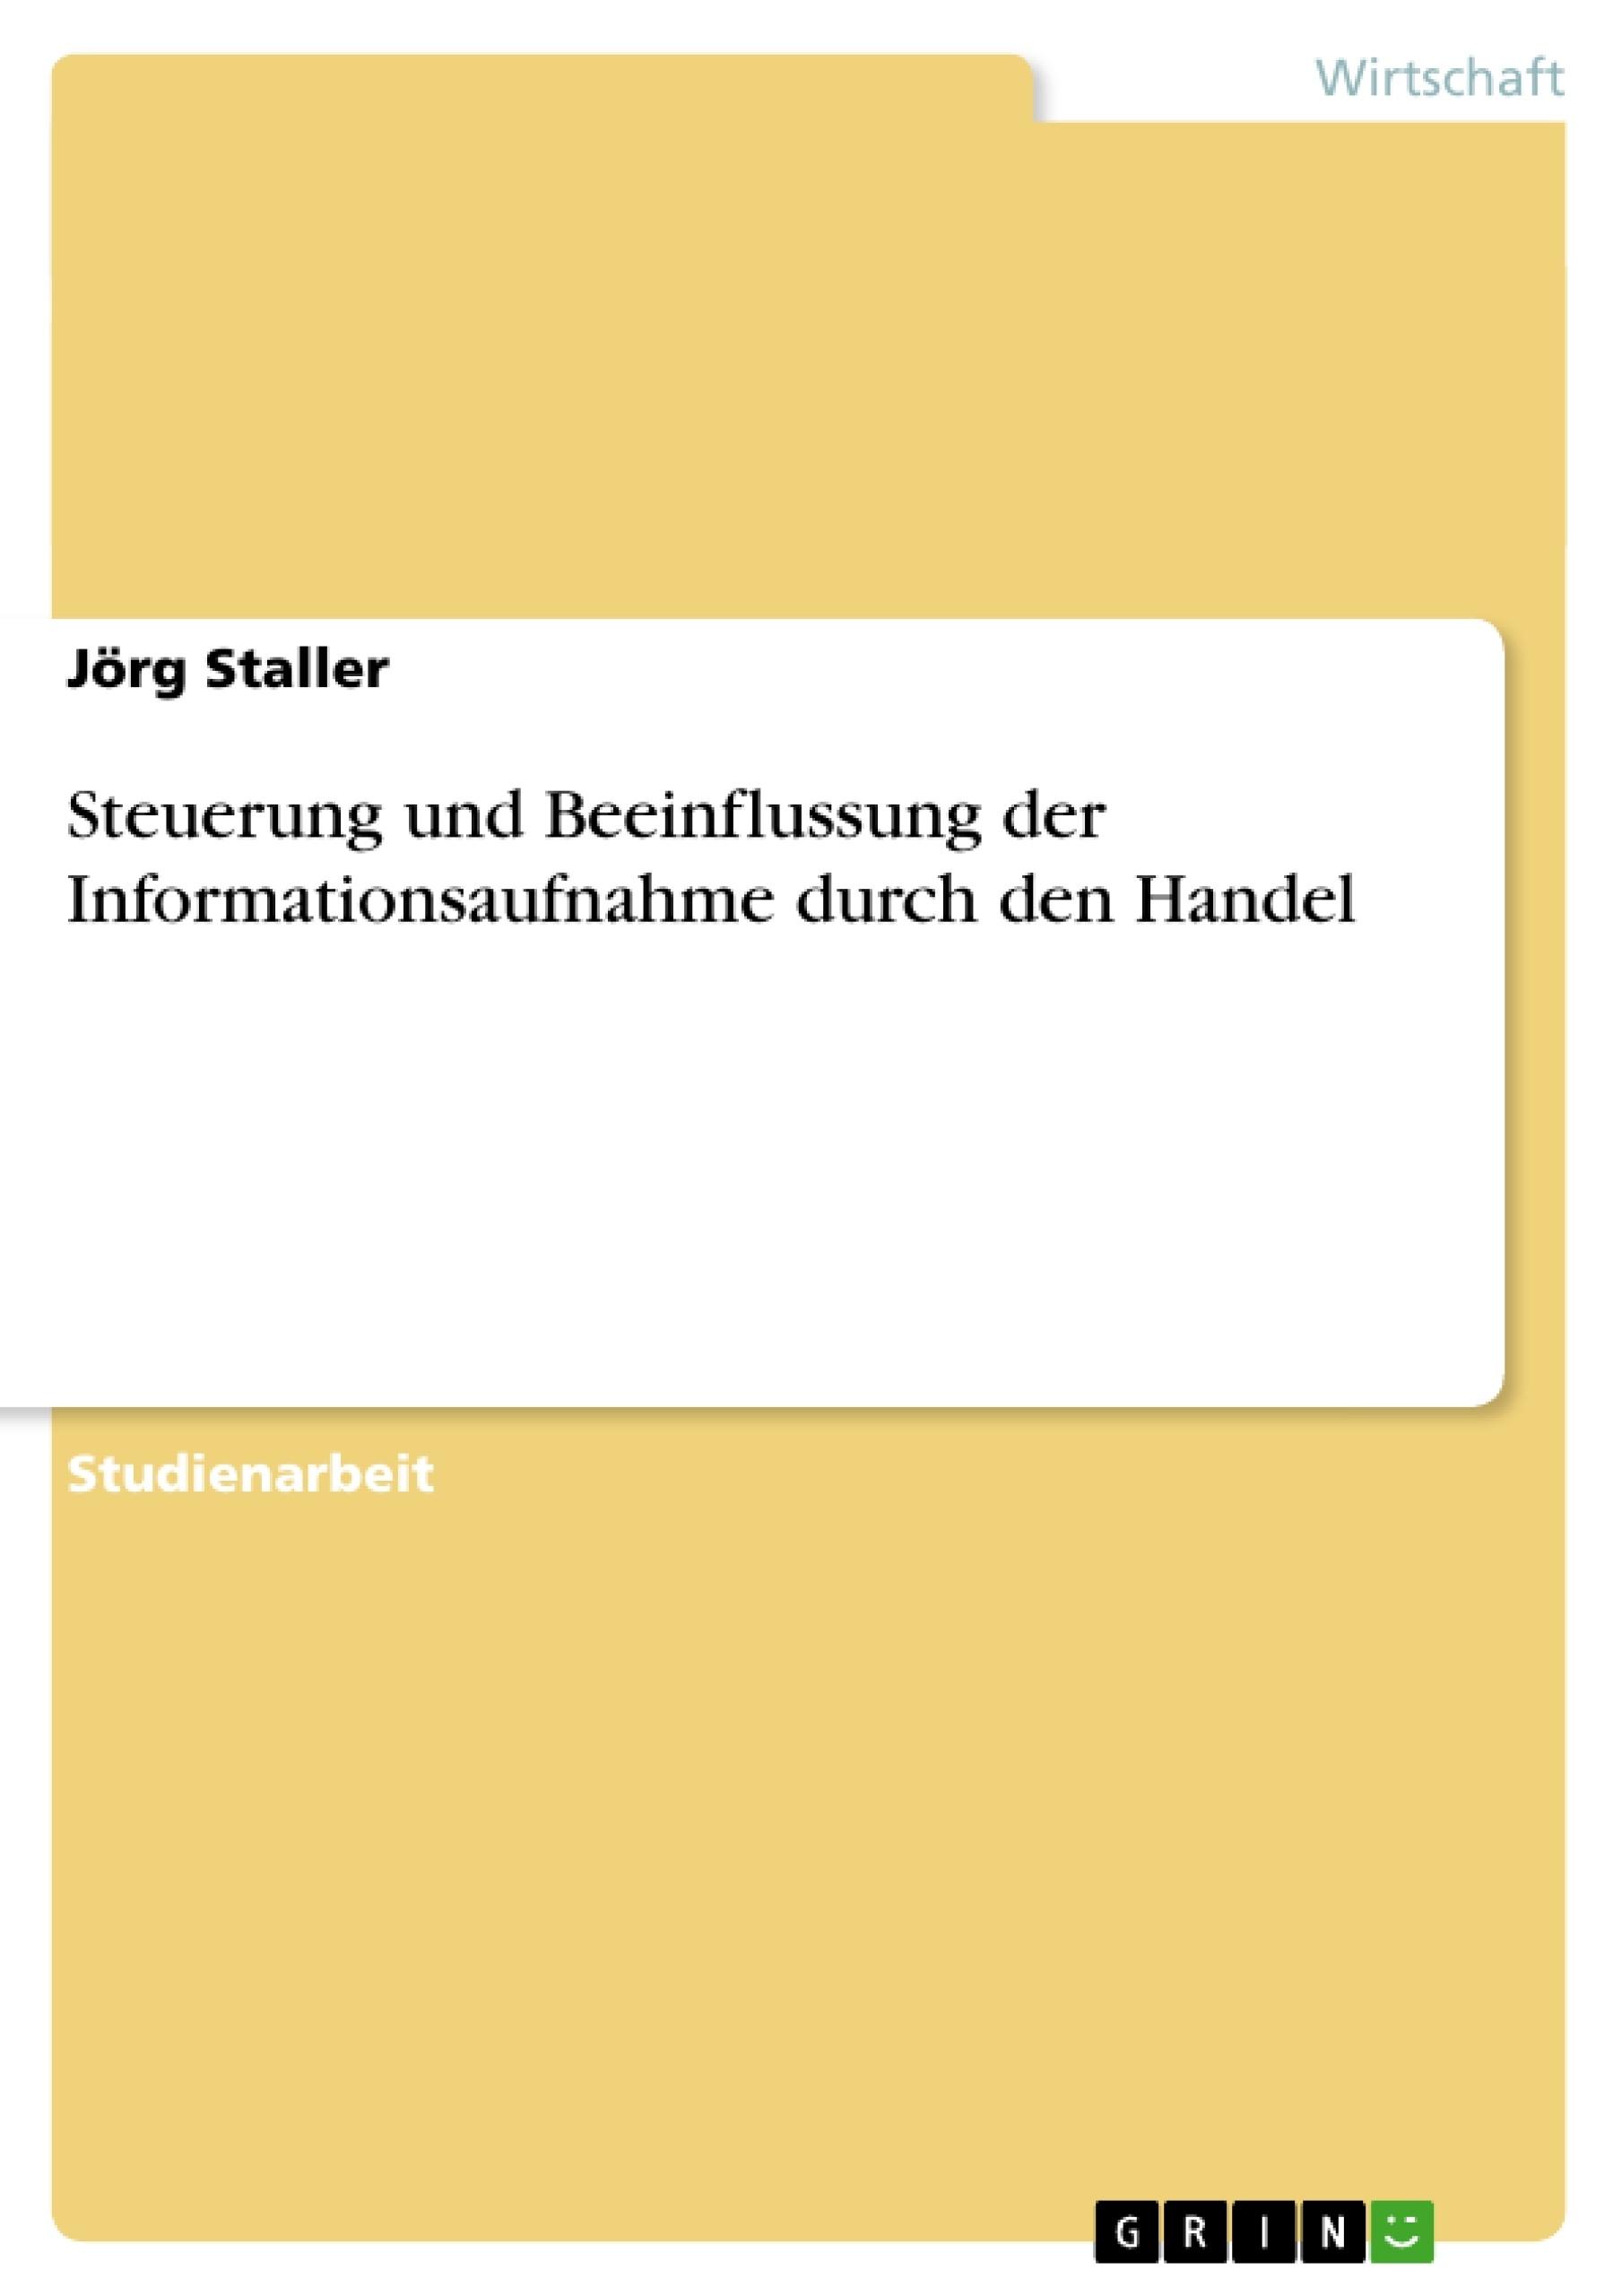 Titel: Steuerung und Beeinflussung der Informationsaufnahme durch den Handel